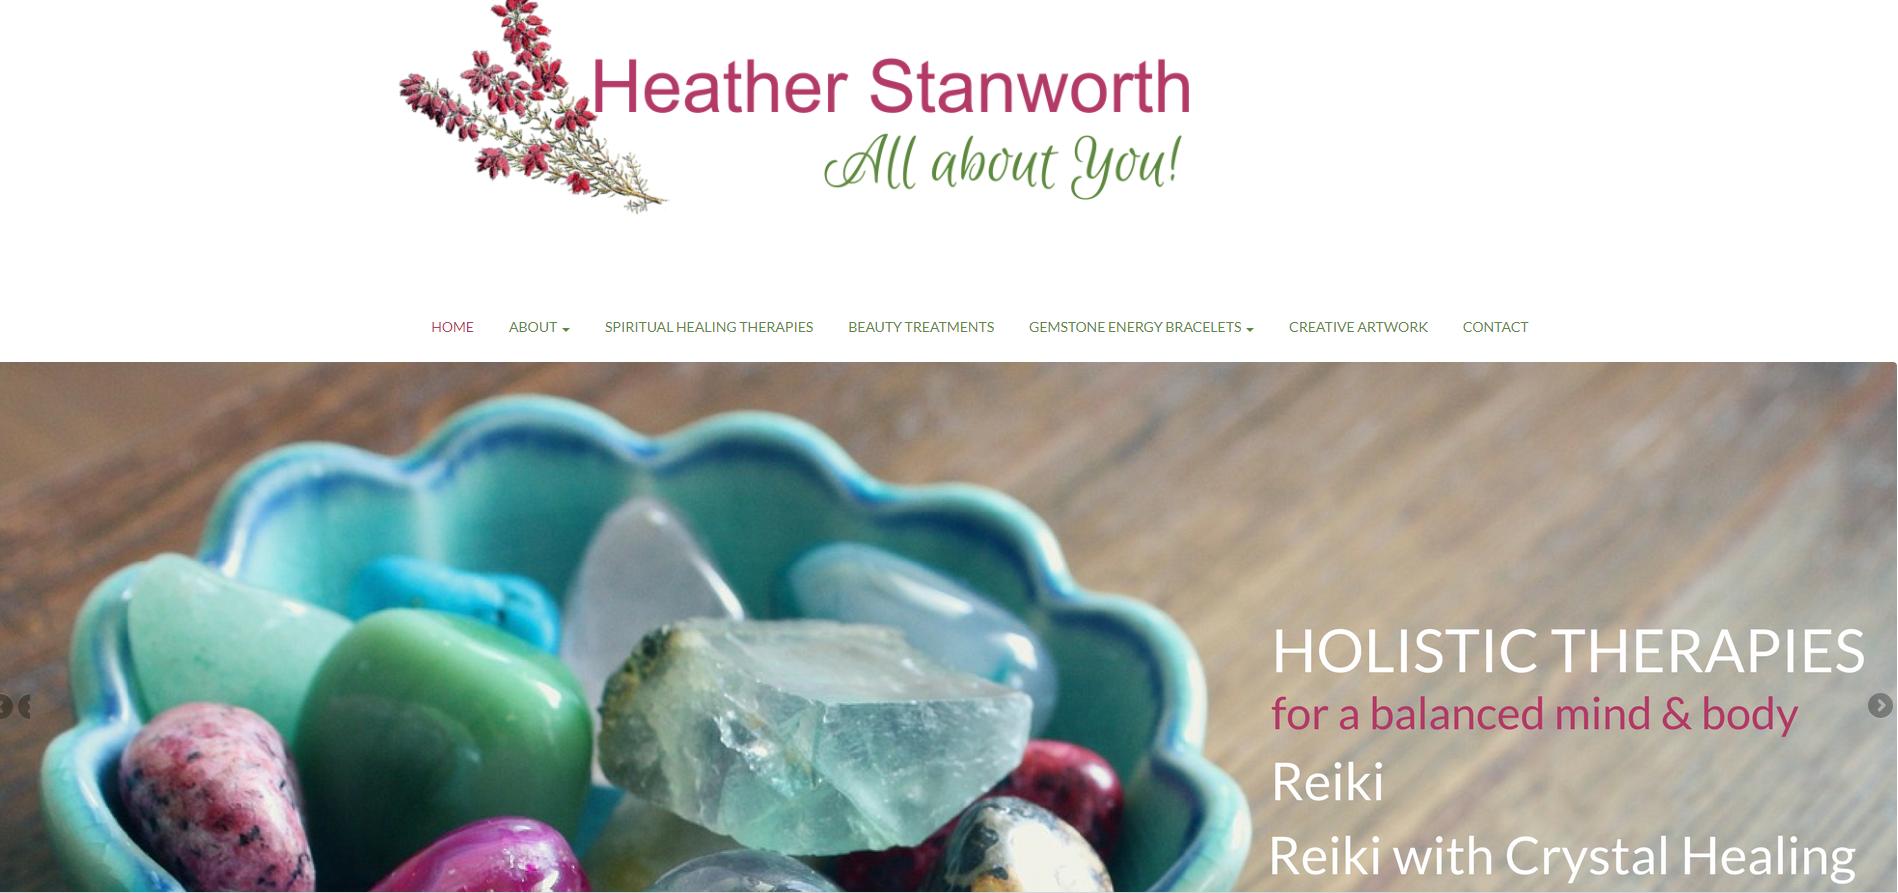 Heather Stanworth Website snip